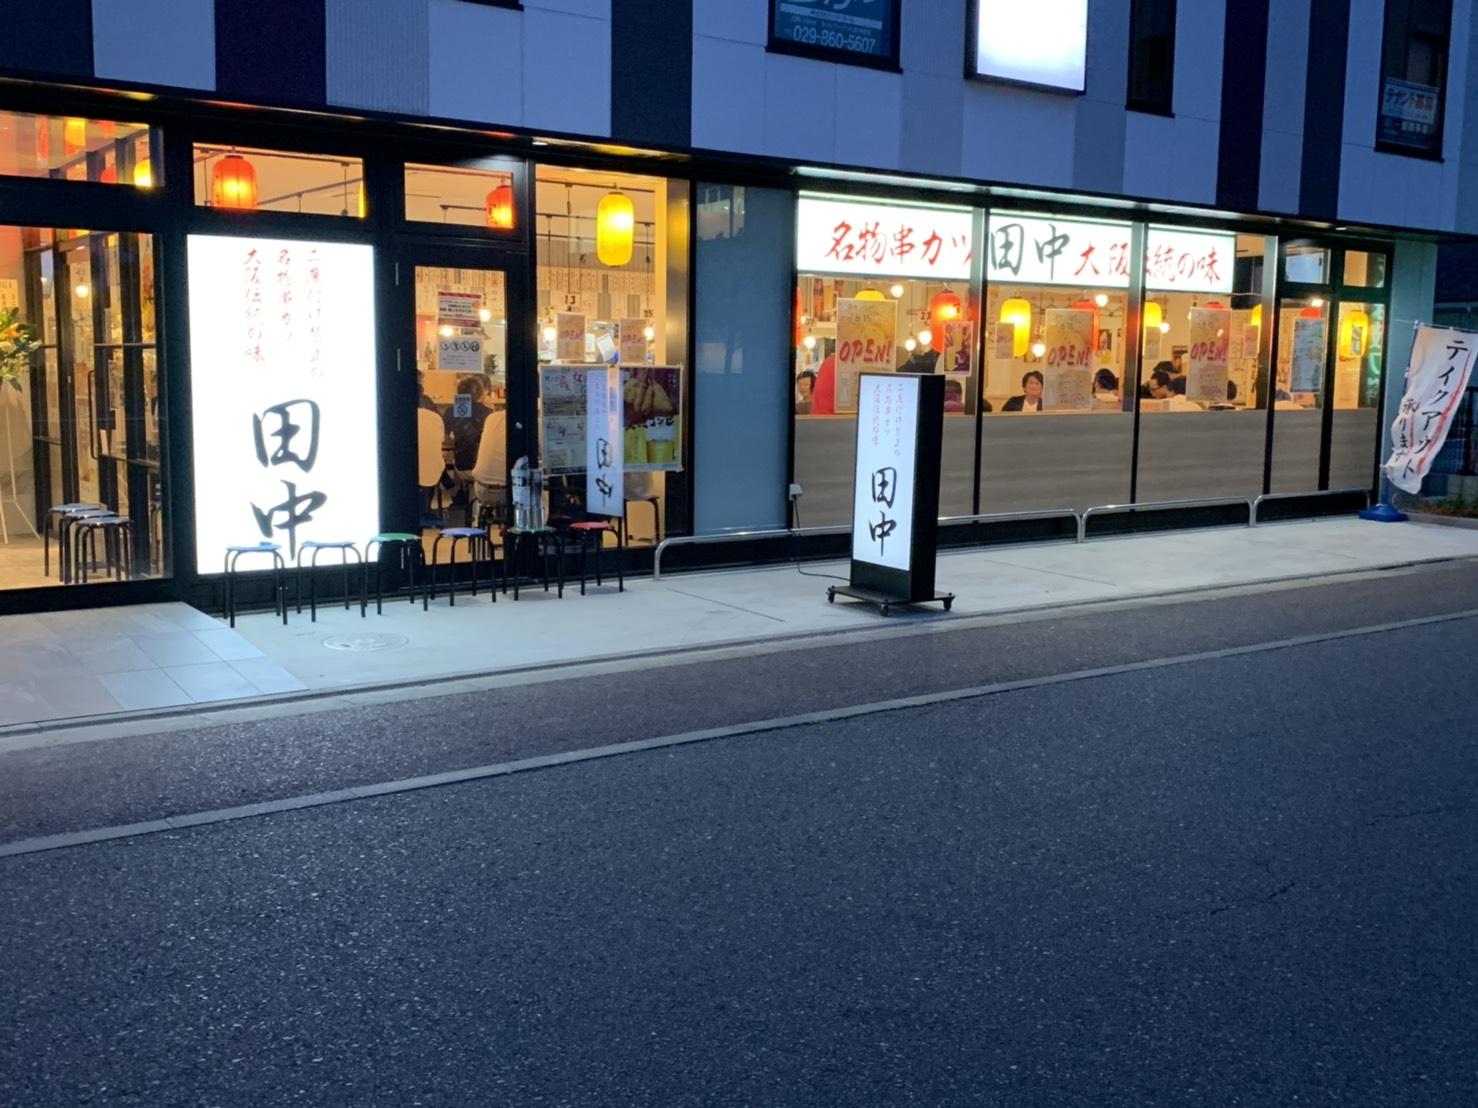 【串カツ田中】つくば研究学園店オープンしました!!!!